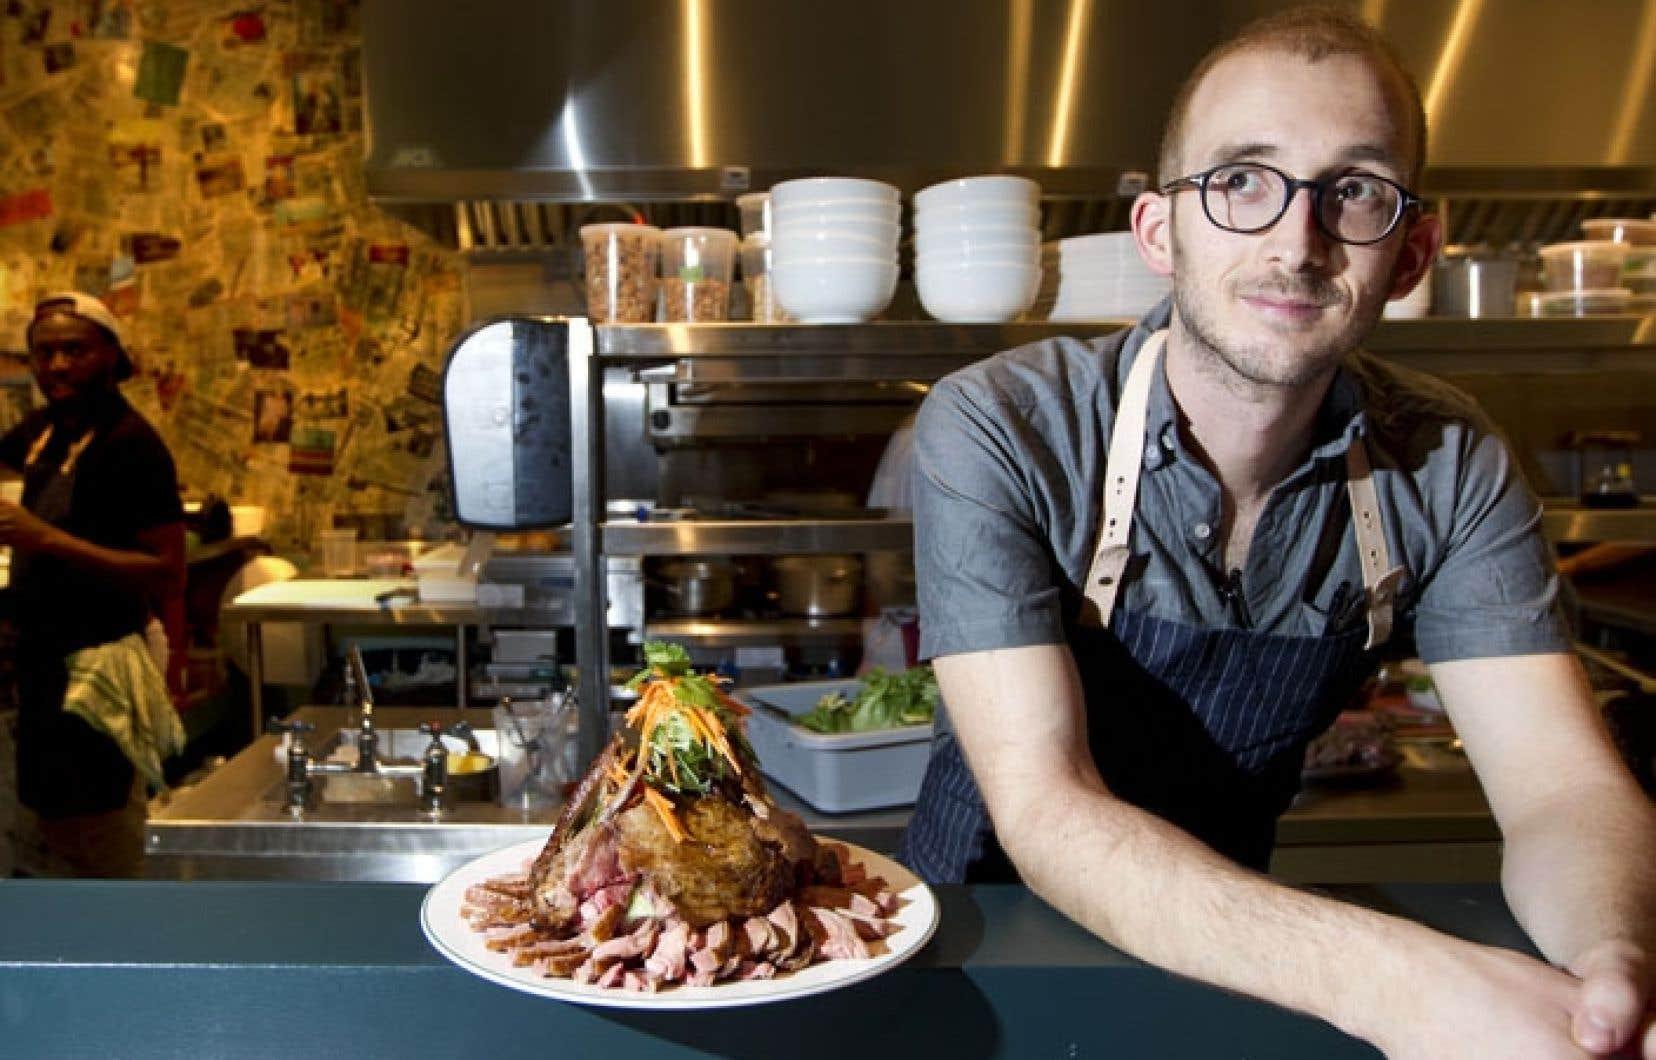 Aaron Langille, le jeune chef qui officiait au Café Sardine, s'est installé dans une nouvelle cuisine du Chinatown avec Patrick Dumont, ancien de l'hôtel W.